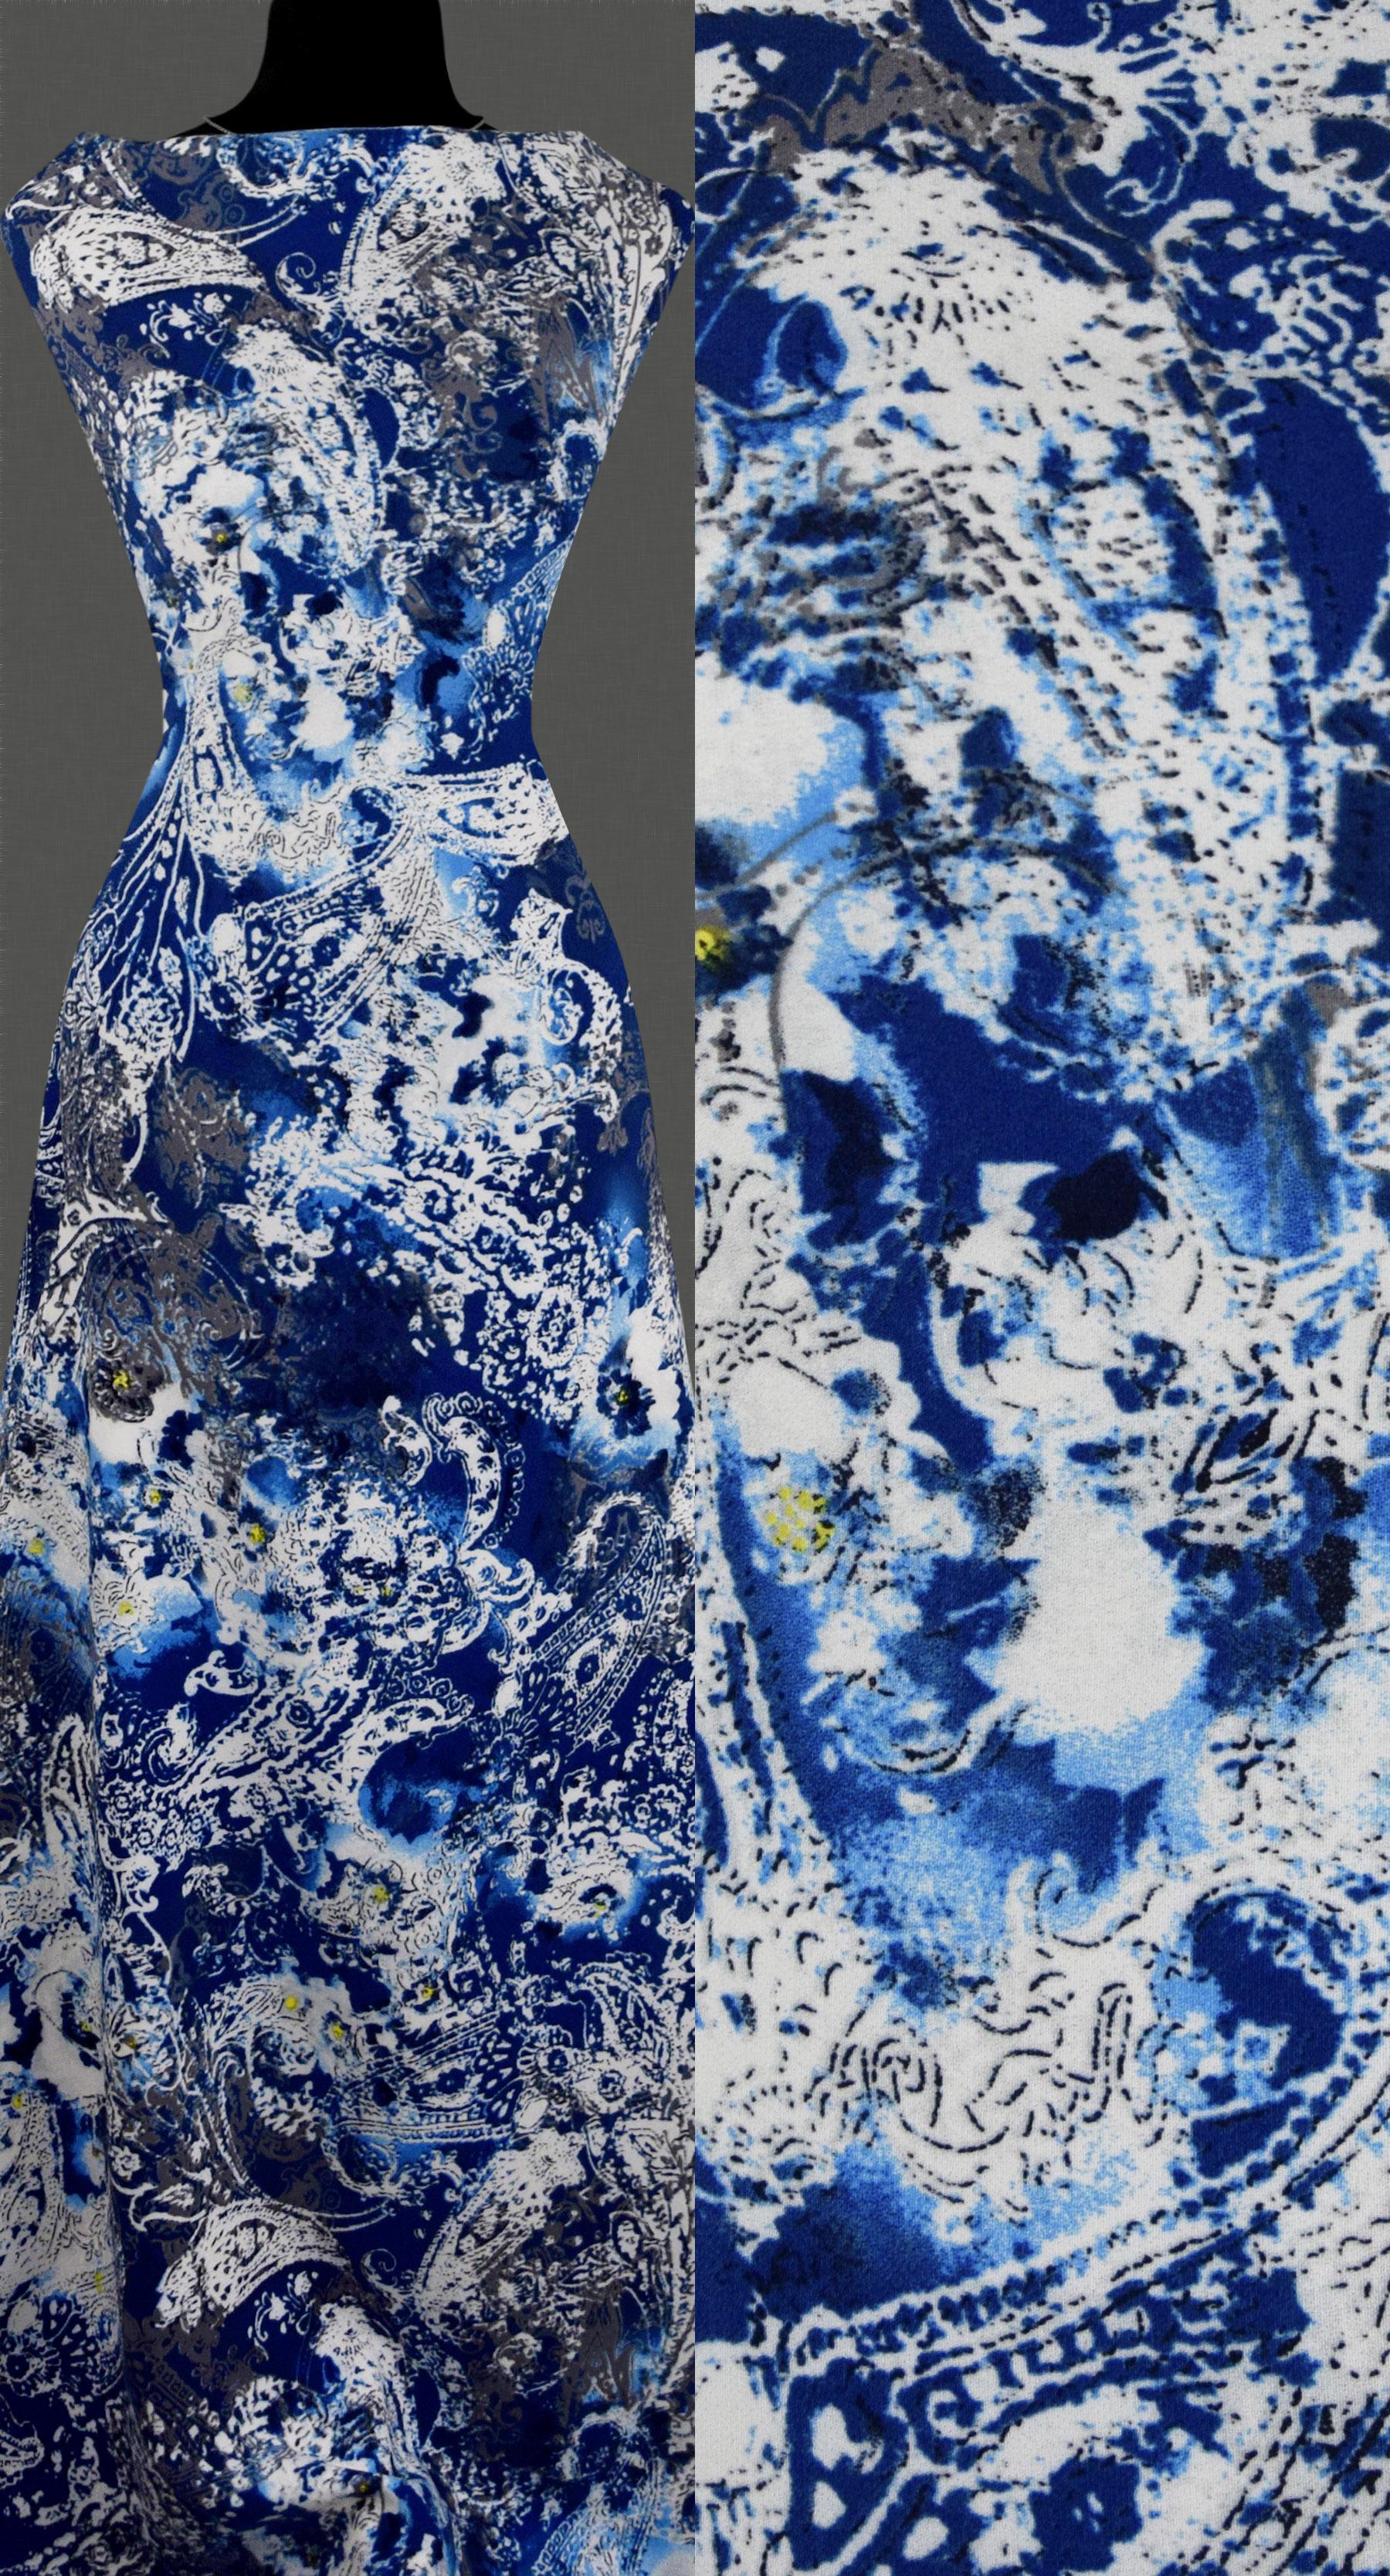 stoff strickstoff elastisch orientalisch abstrakt muster blau ausverkauf ebay. Black Bedroom Furniture Sets. Home Design Ideas